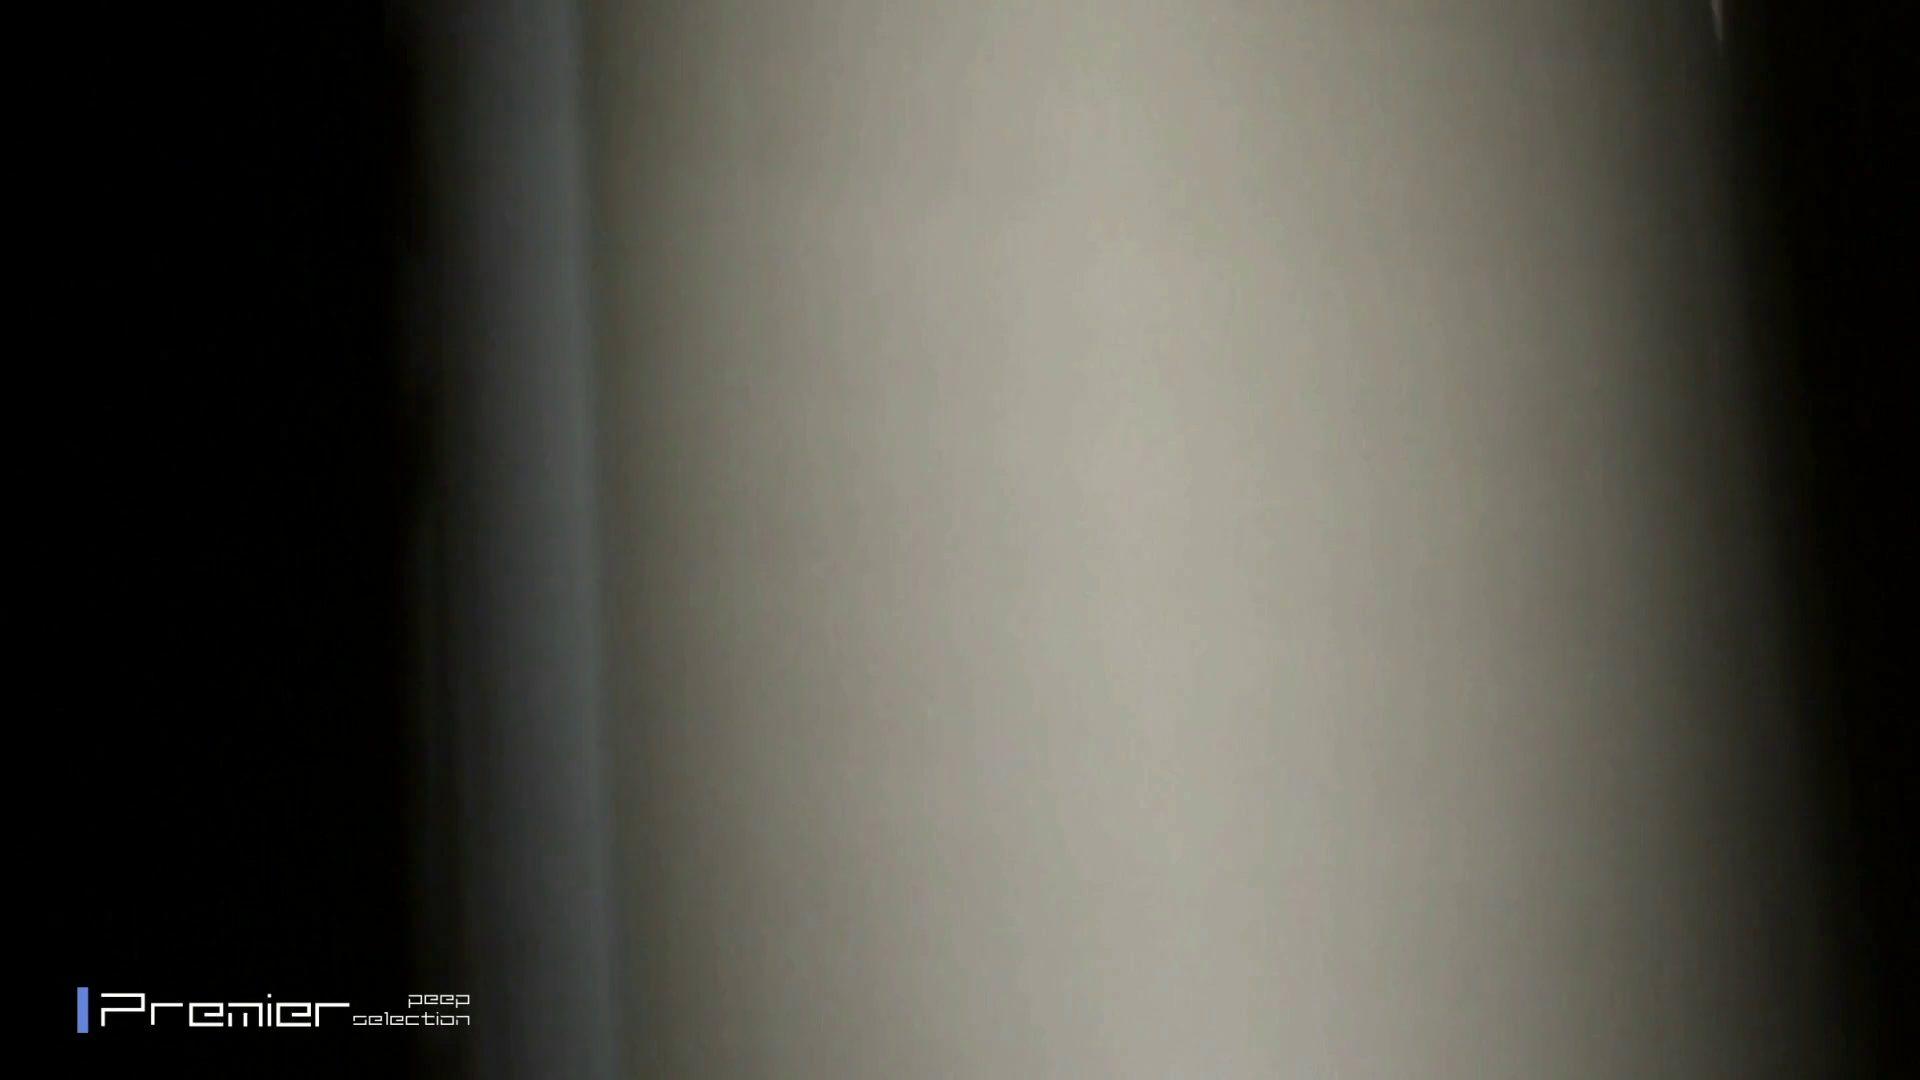 再生38分!マン毛剛毛超絶美女の私生活 美女達の私生活に潜入! 潜入 | 美女  94連発 19